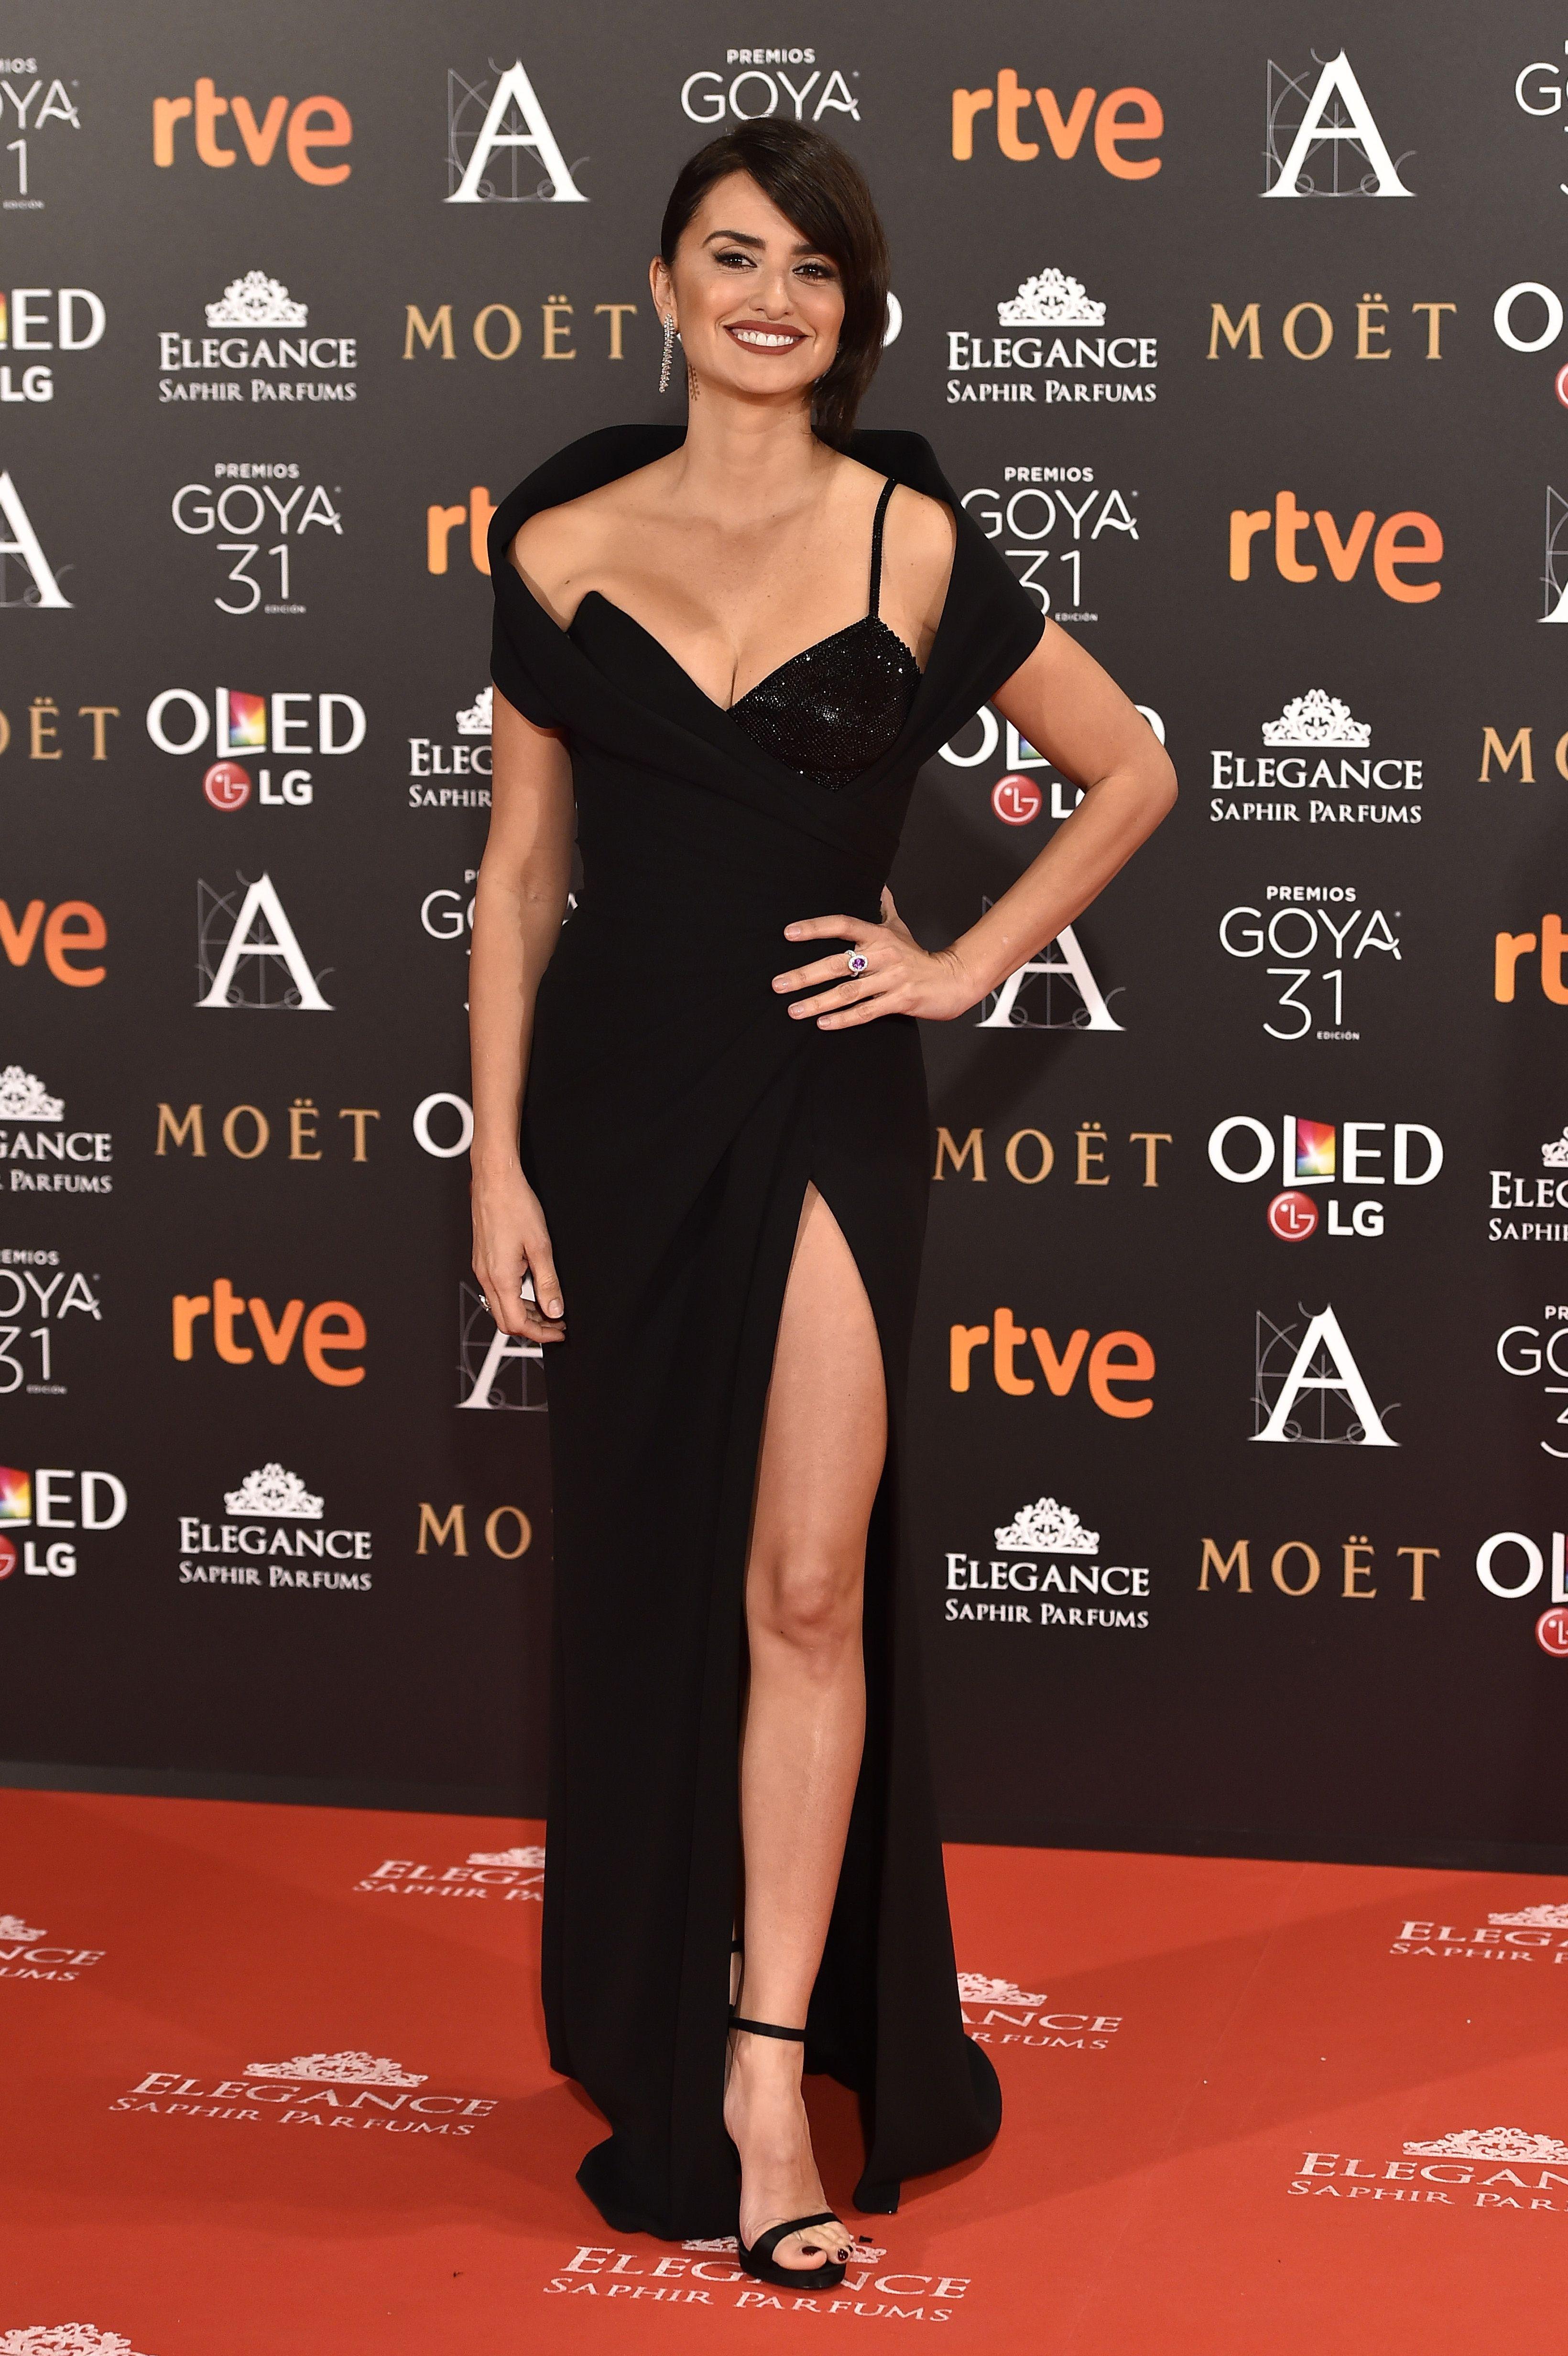 Penélope Cruz - Goya 2017: las 13 actrices mejor vestidas de la noche